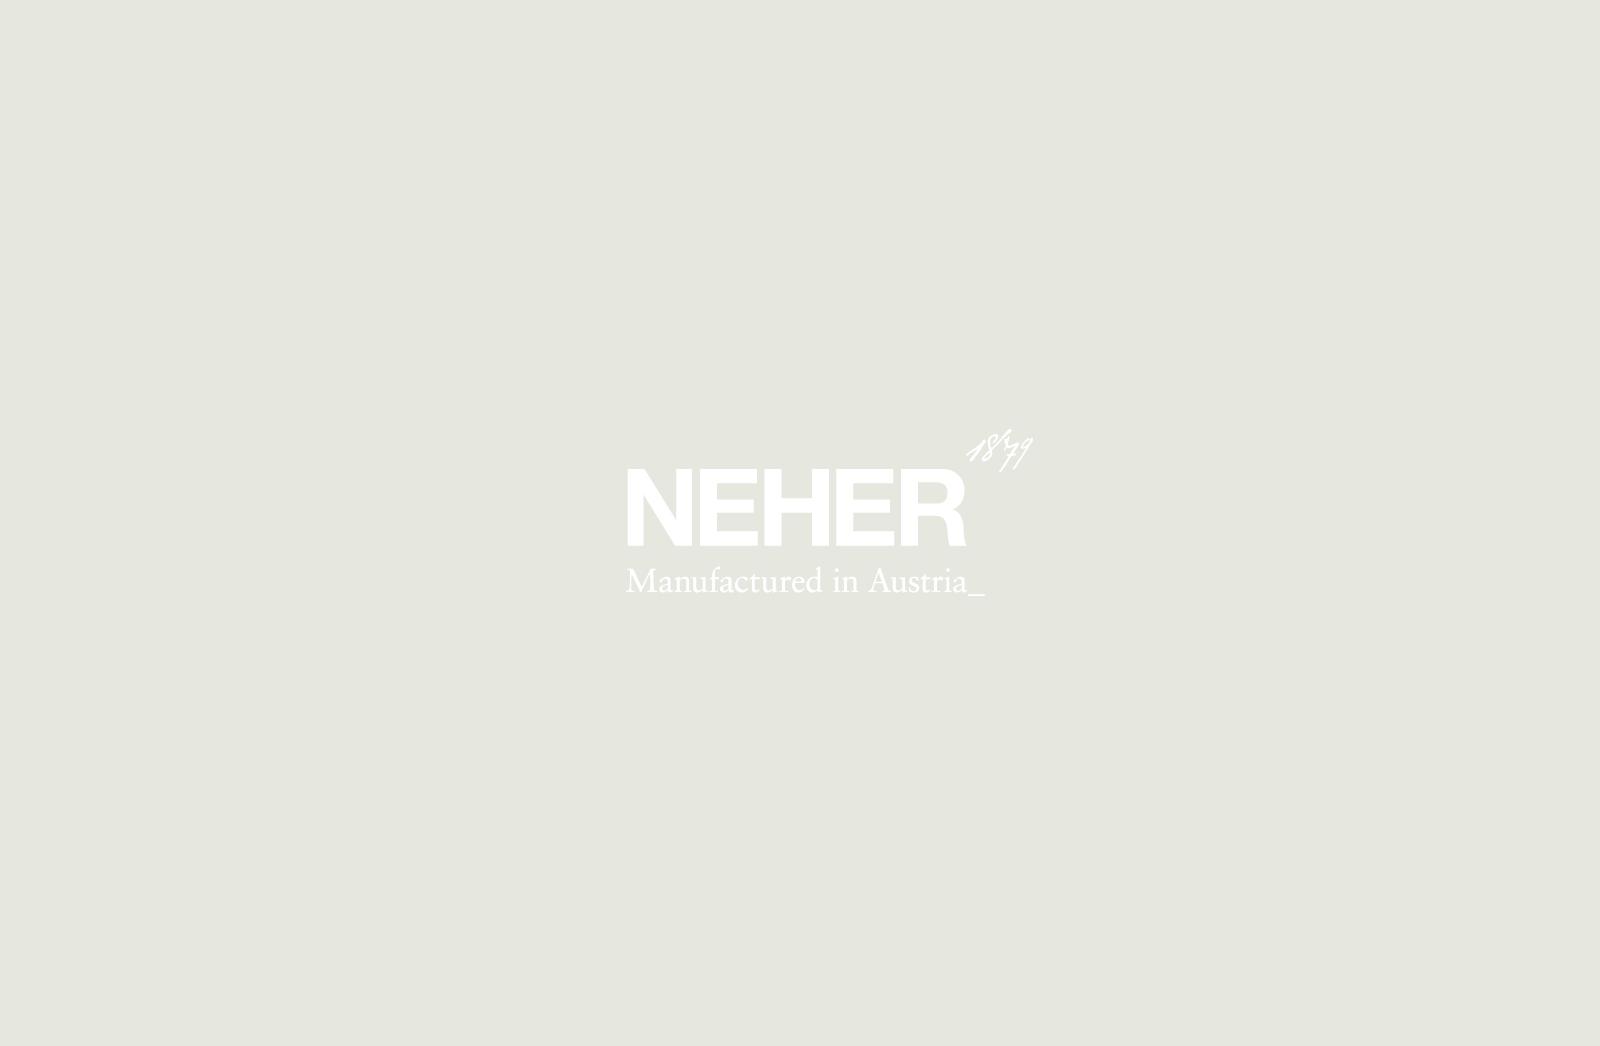 neher_1 Kopie